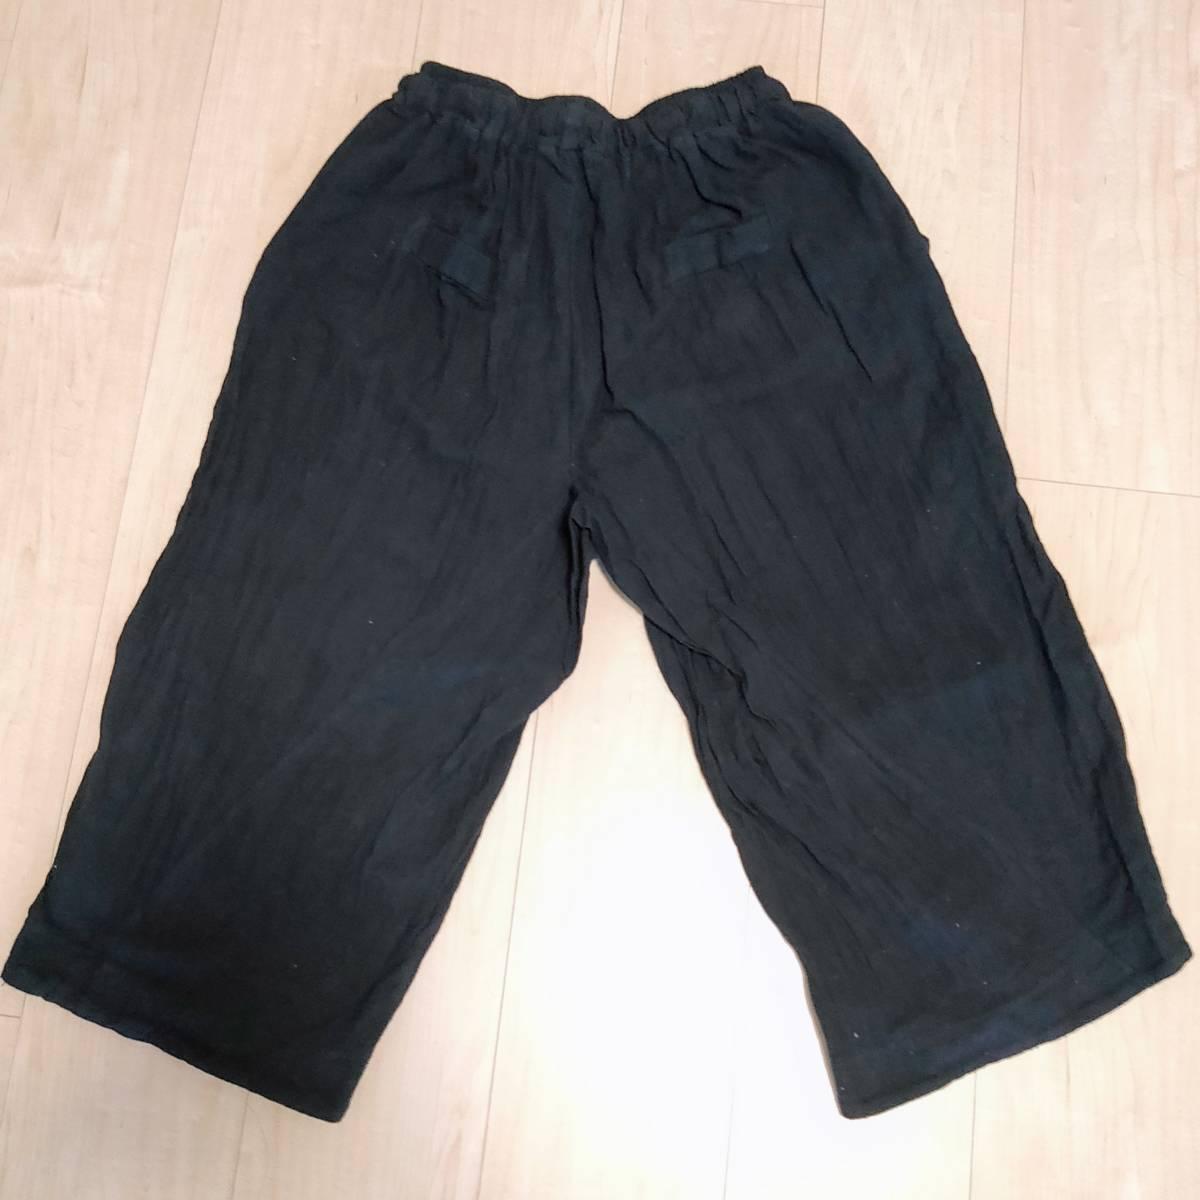 サルエルパンツ メンズ 七分丈 ブラック M ワイドパンツ ゆったり ポケット付きリラックス 動きやすい 新品未使用 送料無料 即日発送